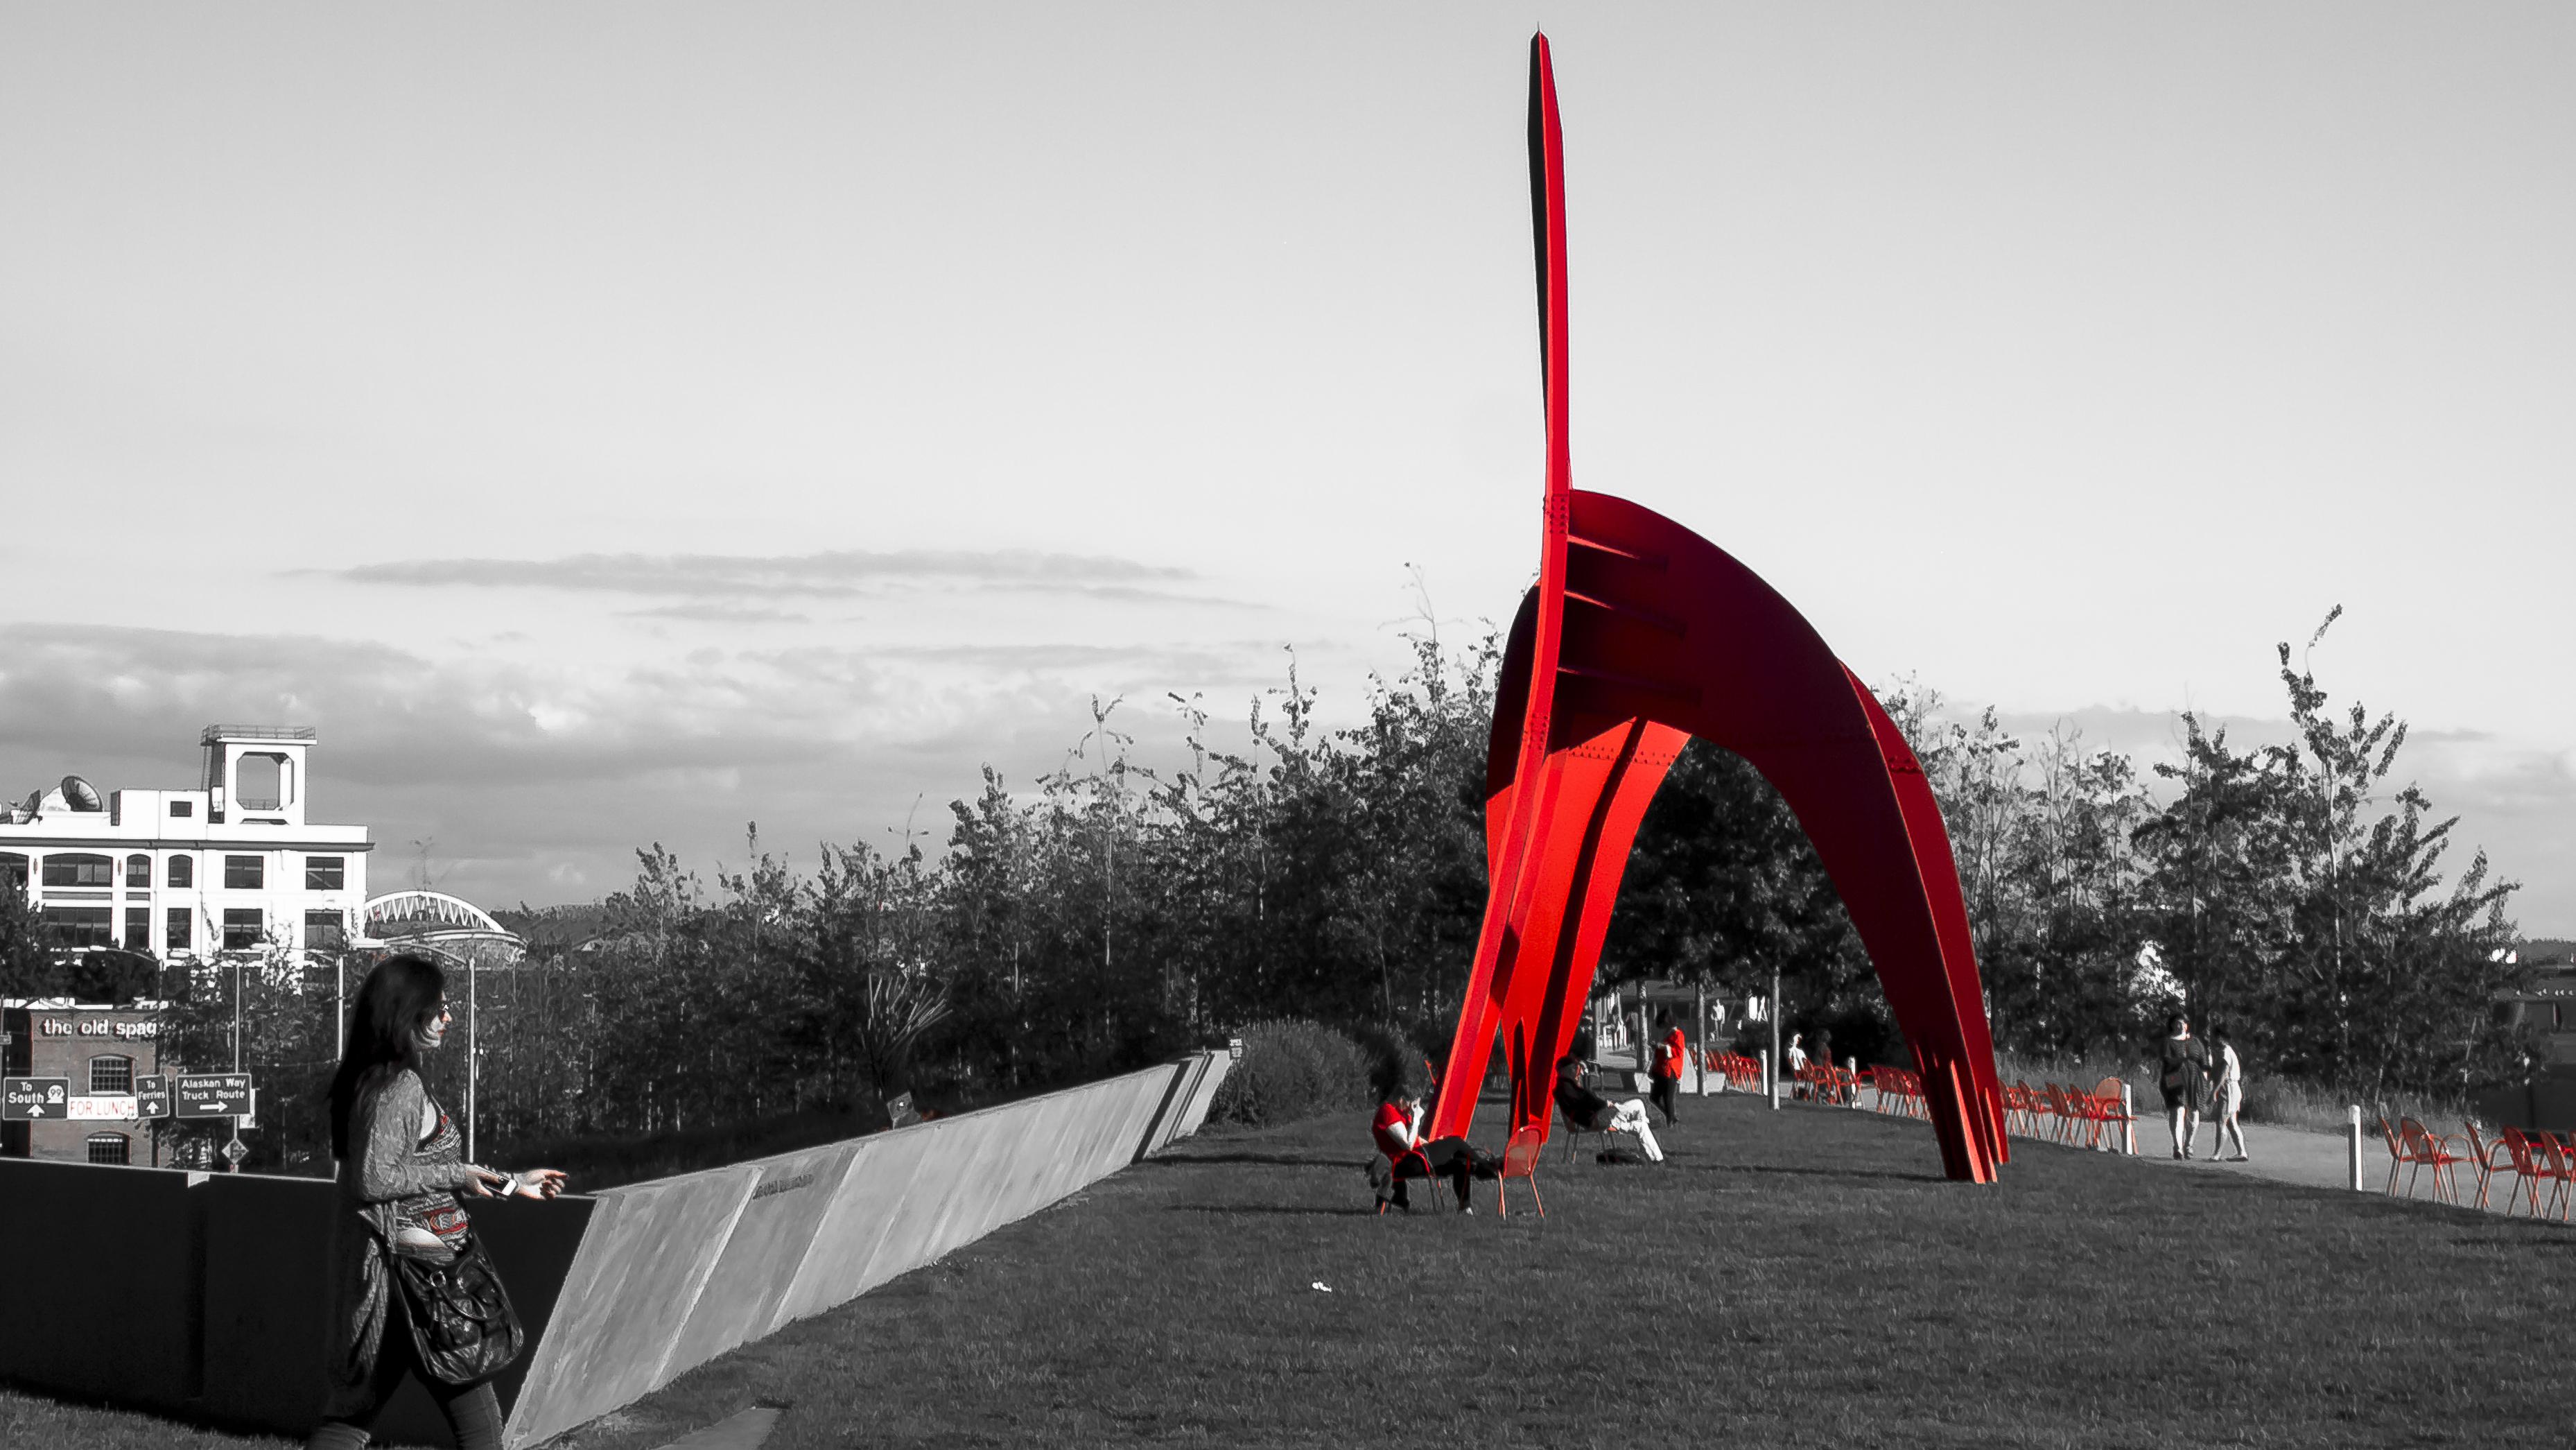 Kostenlose foto : Weiß, Skyline, Fotografie, rot, Fahrzeug, Farbe ...